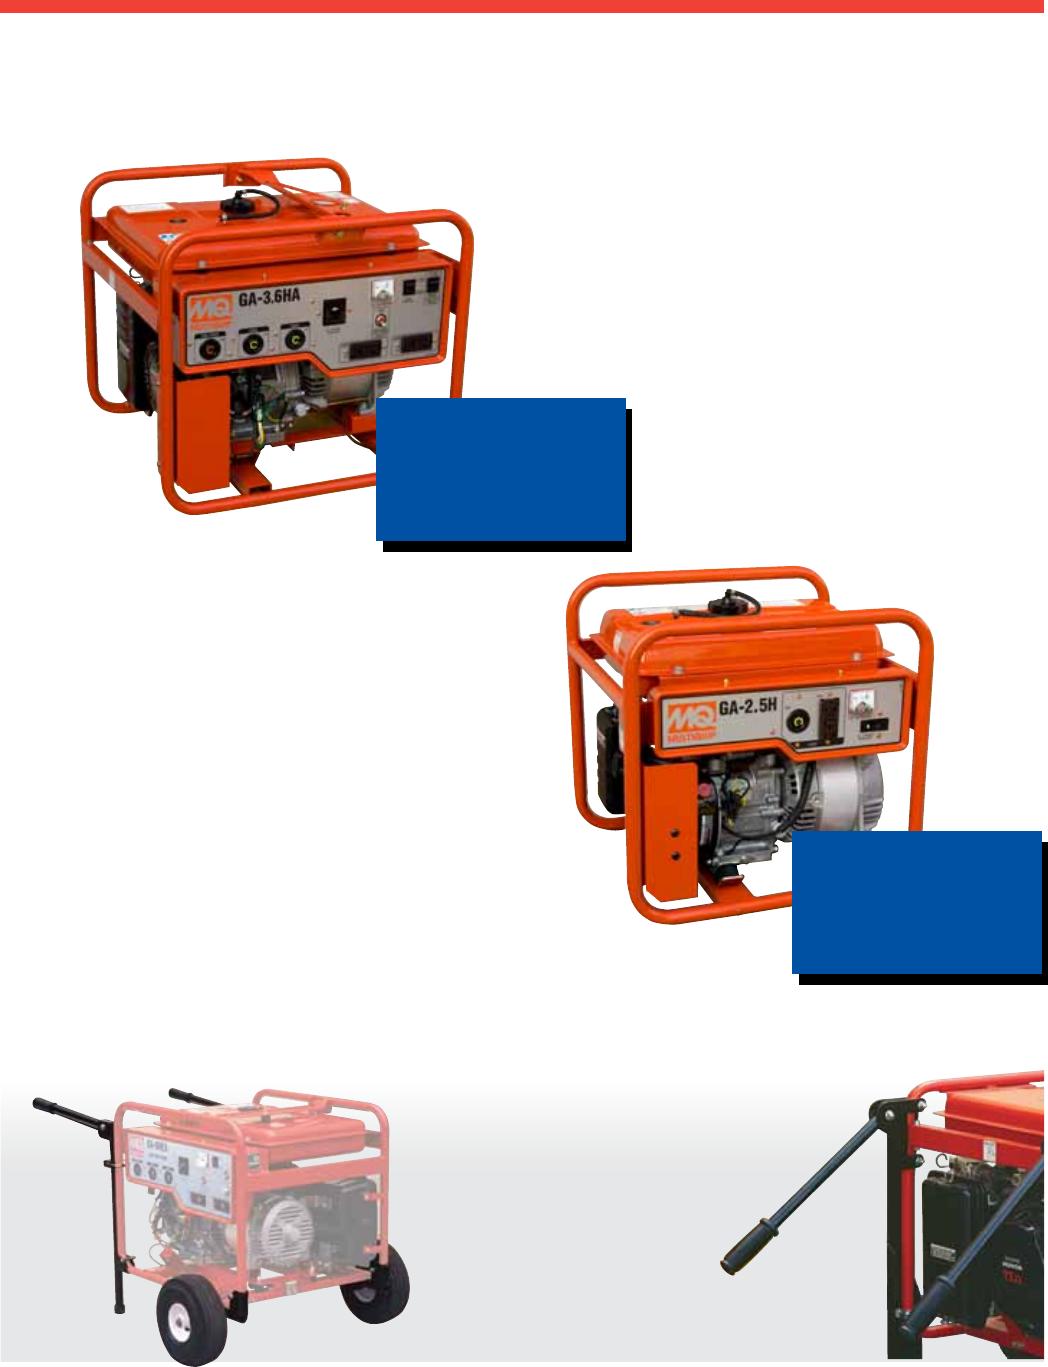 Multiquip Generators And Welders 3 6Kw Through 9 7Kw s Users ... on